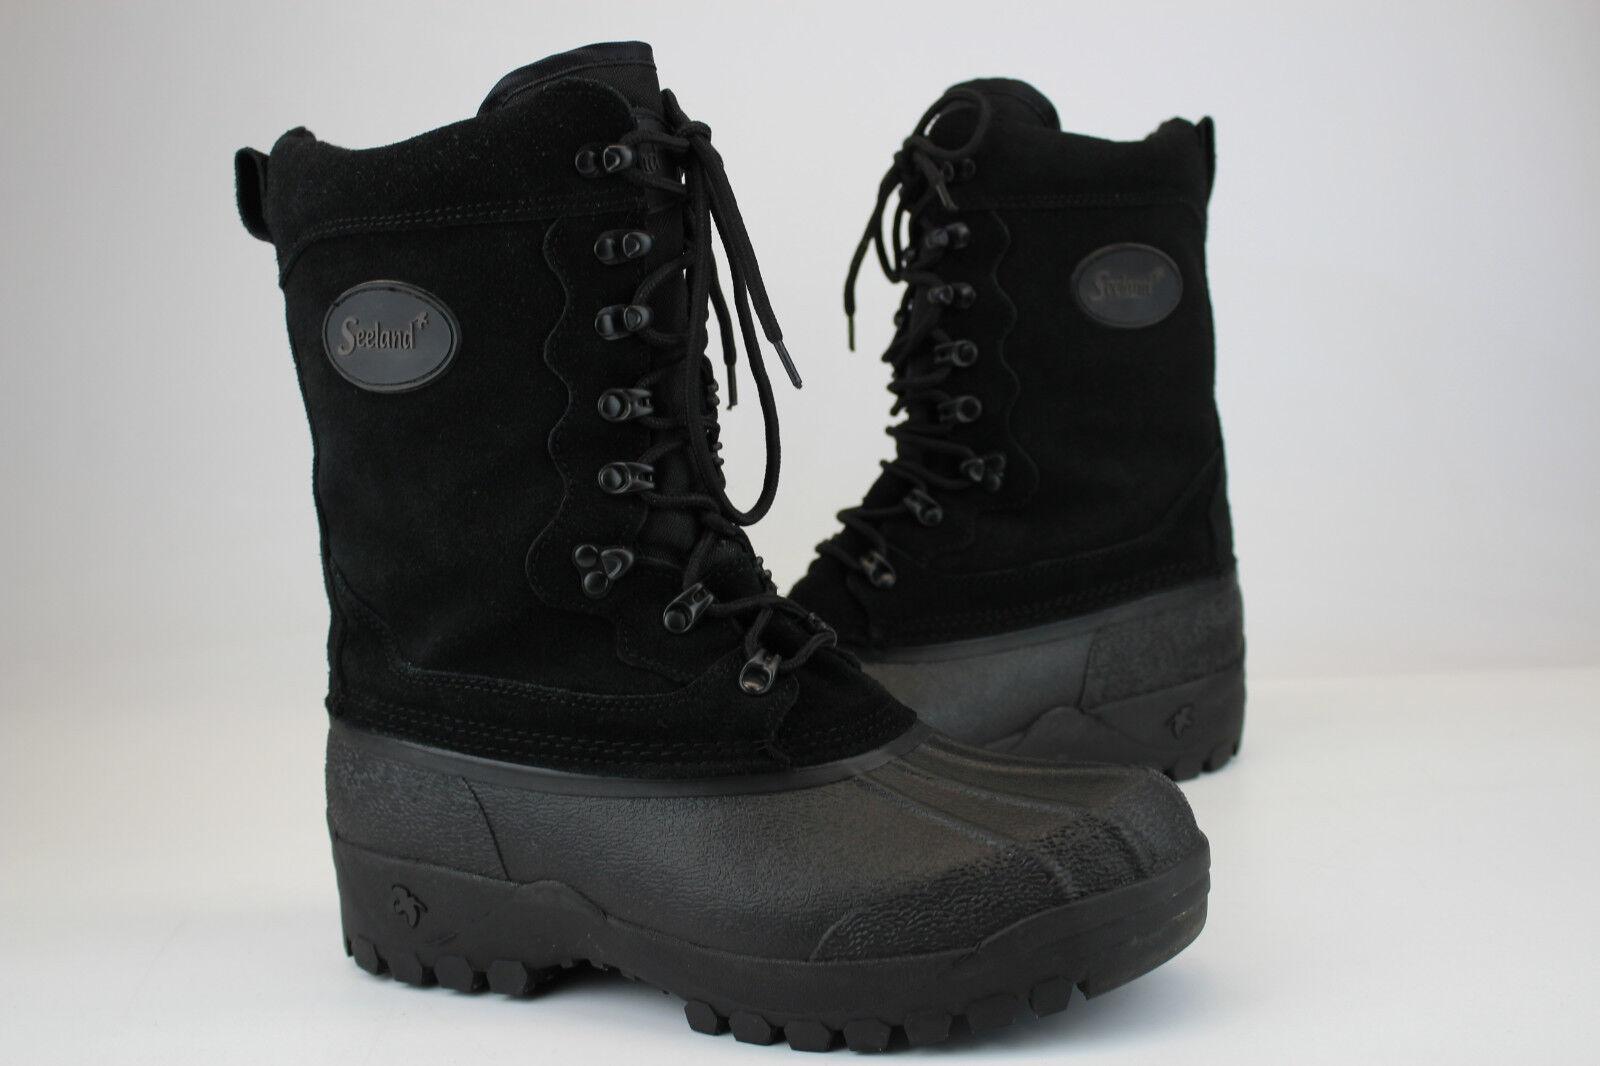 Descuento de la marca Seeland señores botas botas de goma invierno/botas de nieve Top (nº l 401)